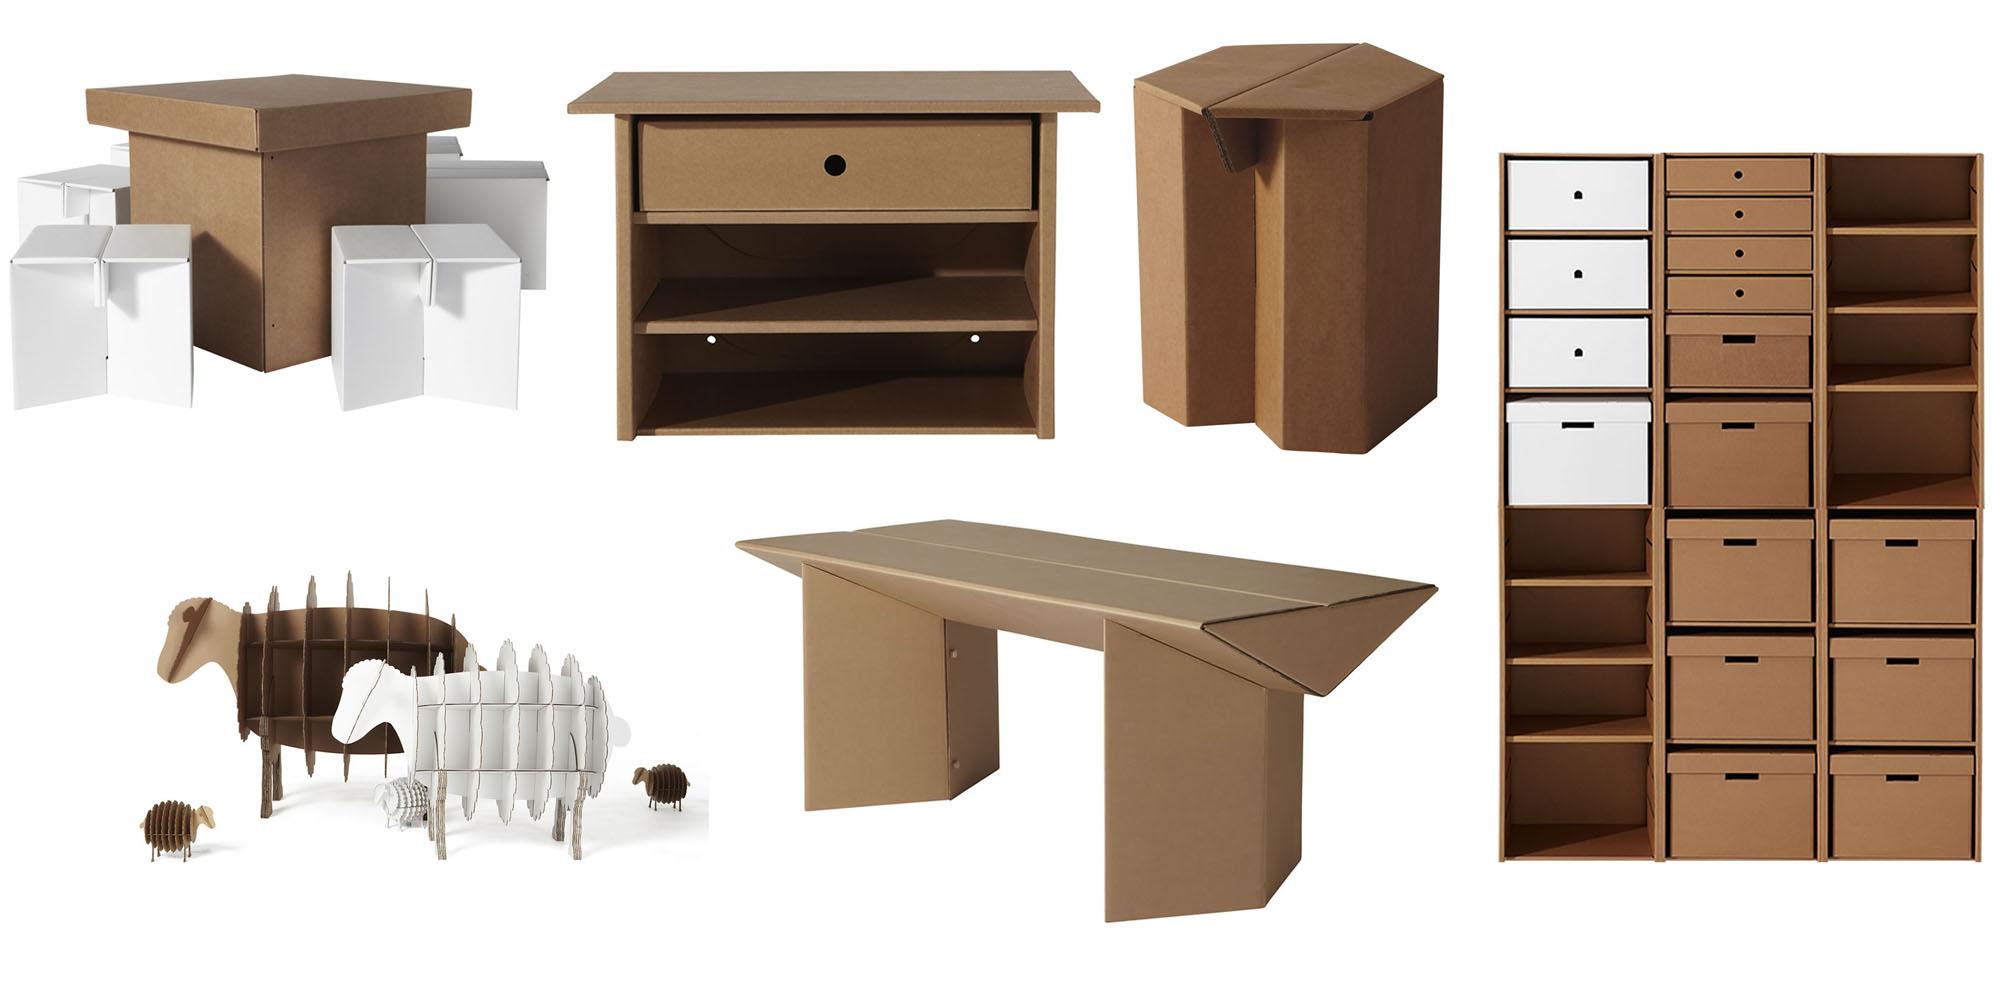 La moda del carton, diferentes muebles fabricados en cartón